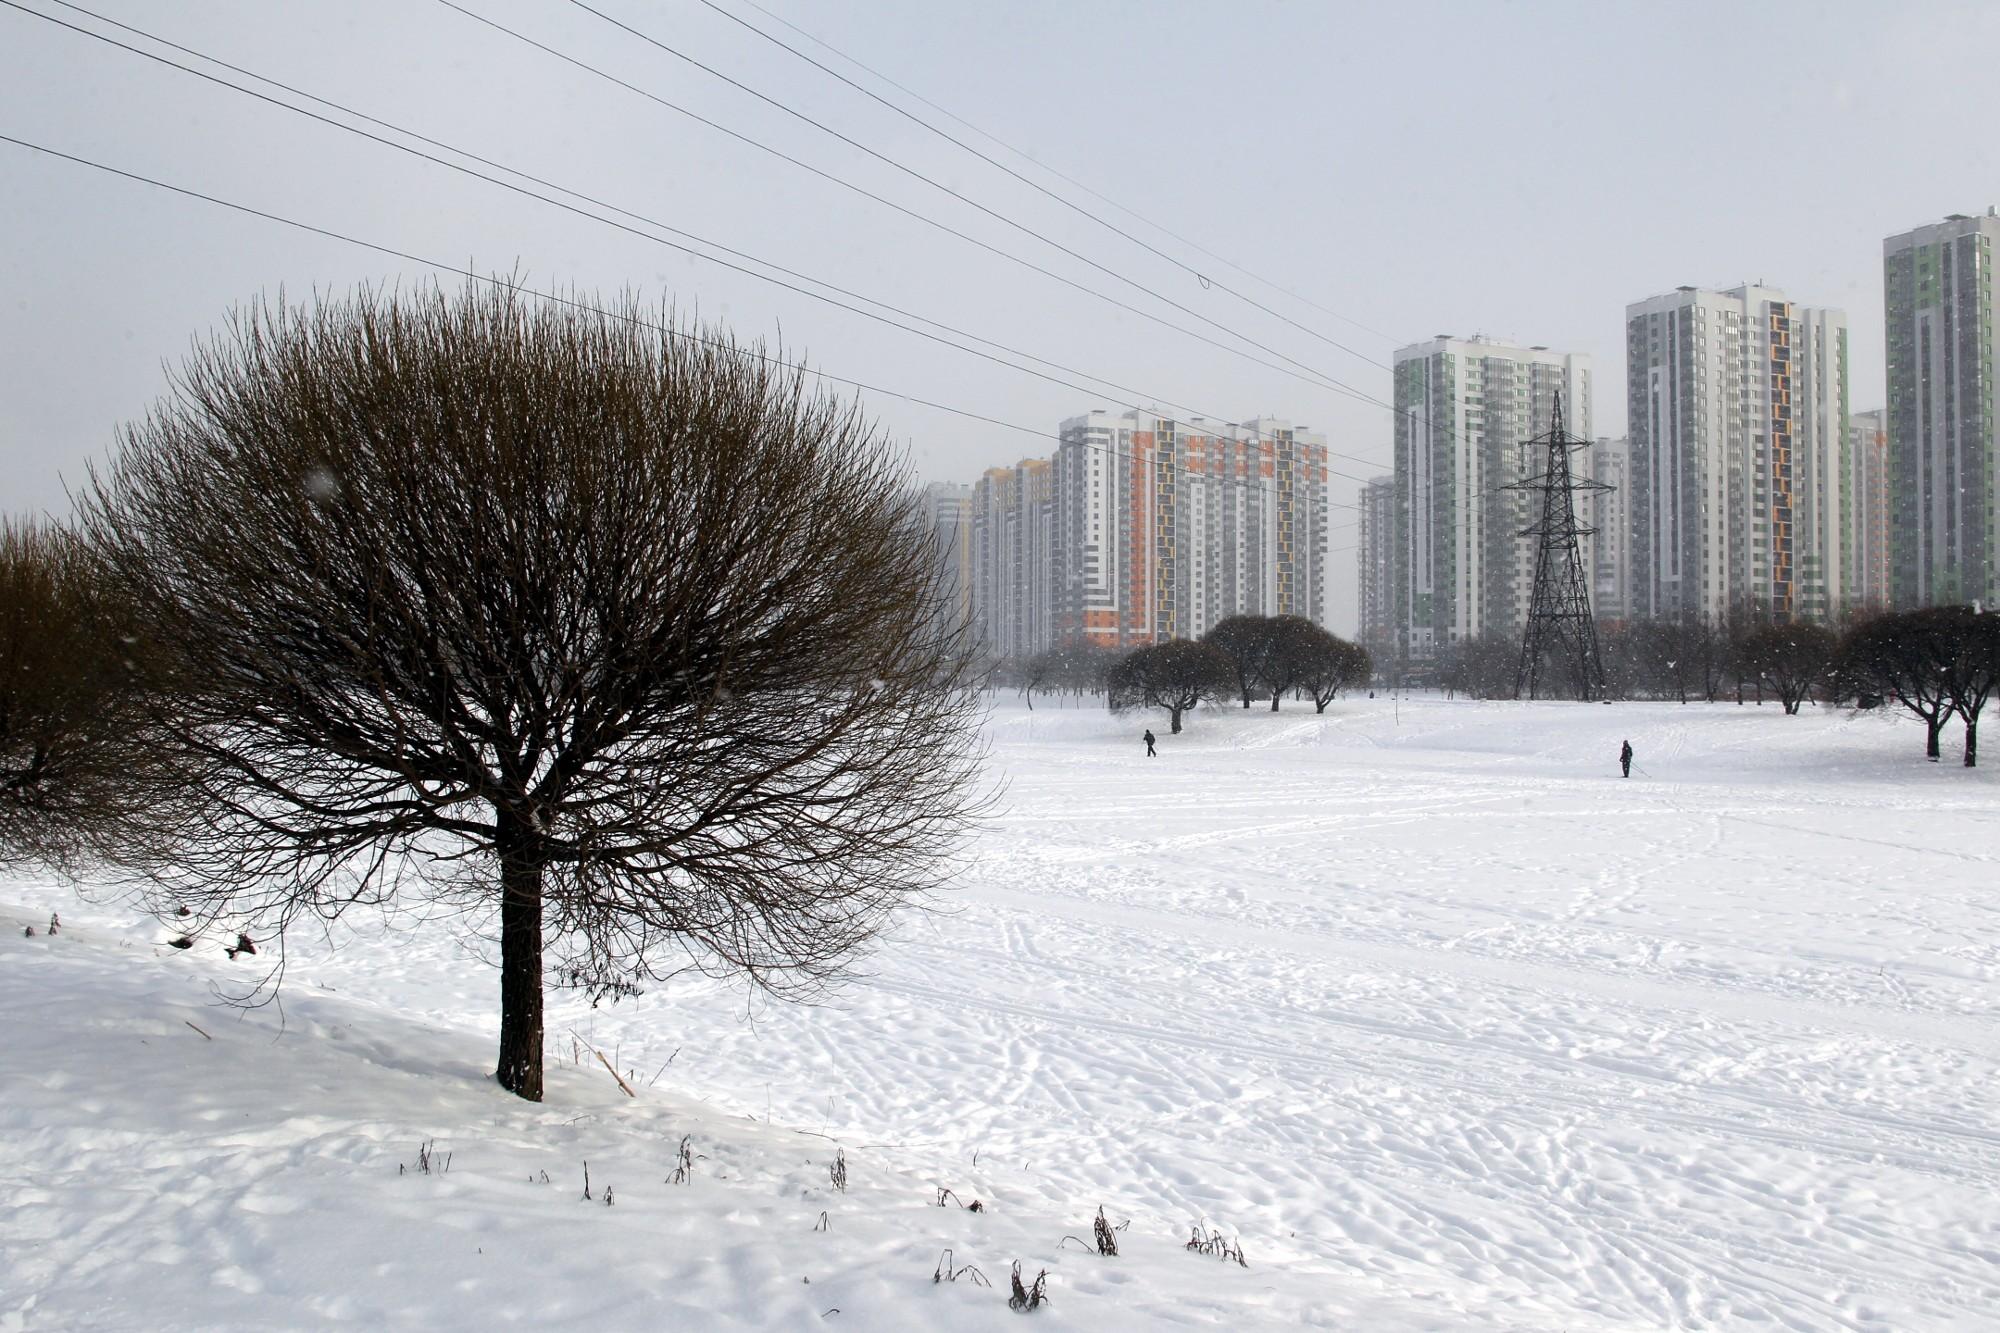 парк интернационалистов новостройки зима снегопад лыжники